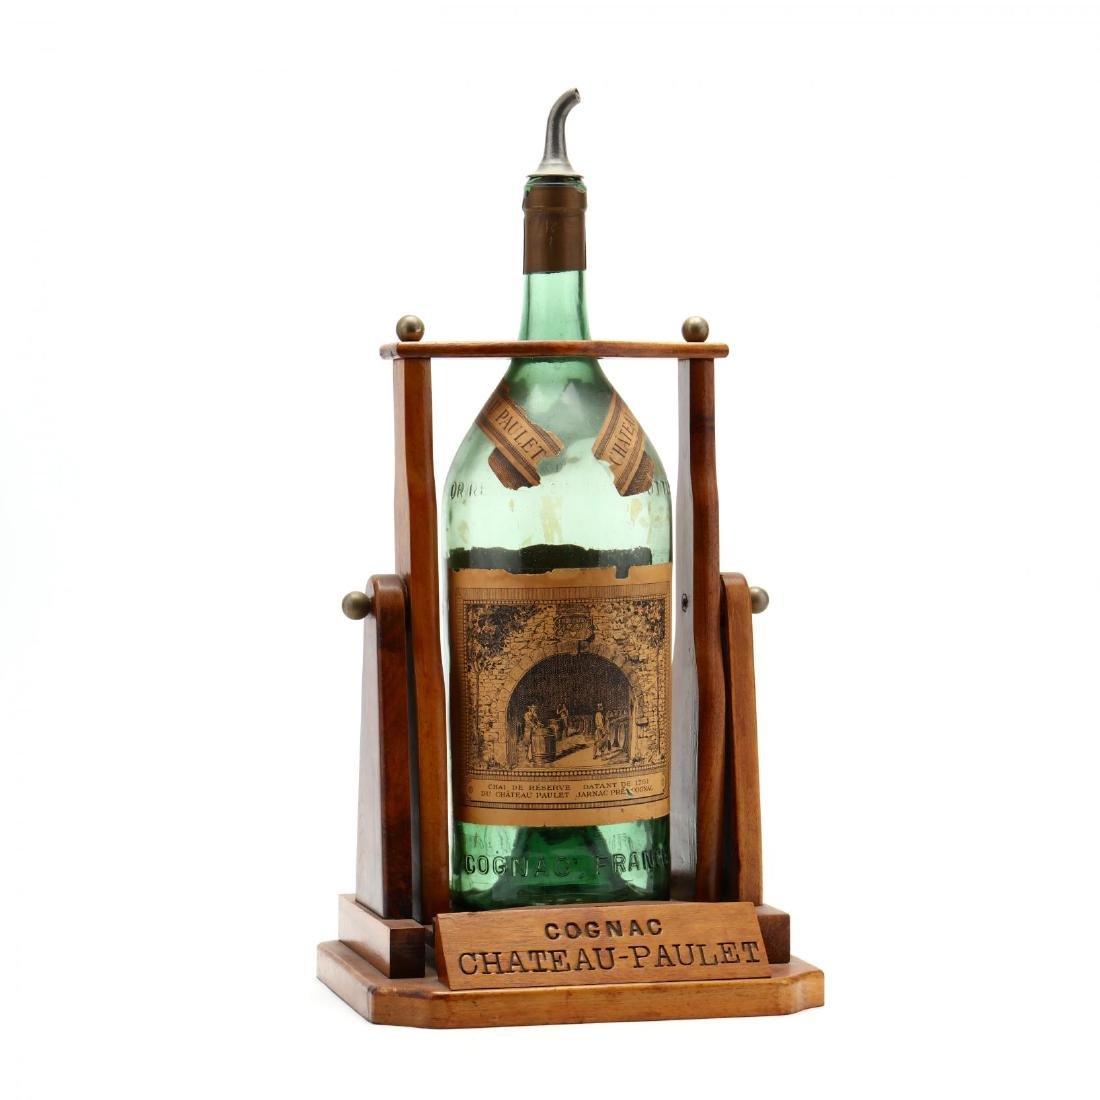 Vintage Cognac Bottle and Dispenser